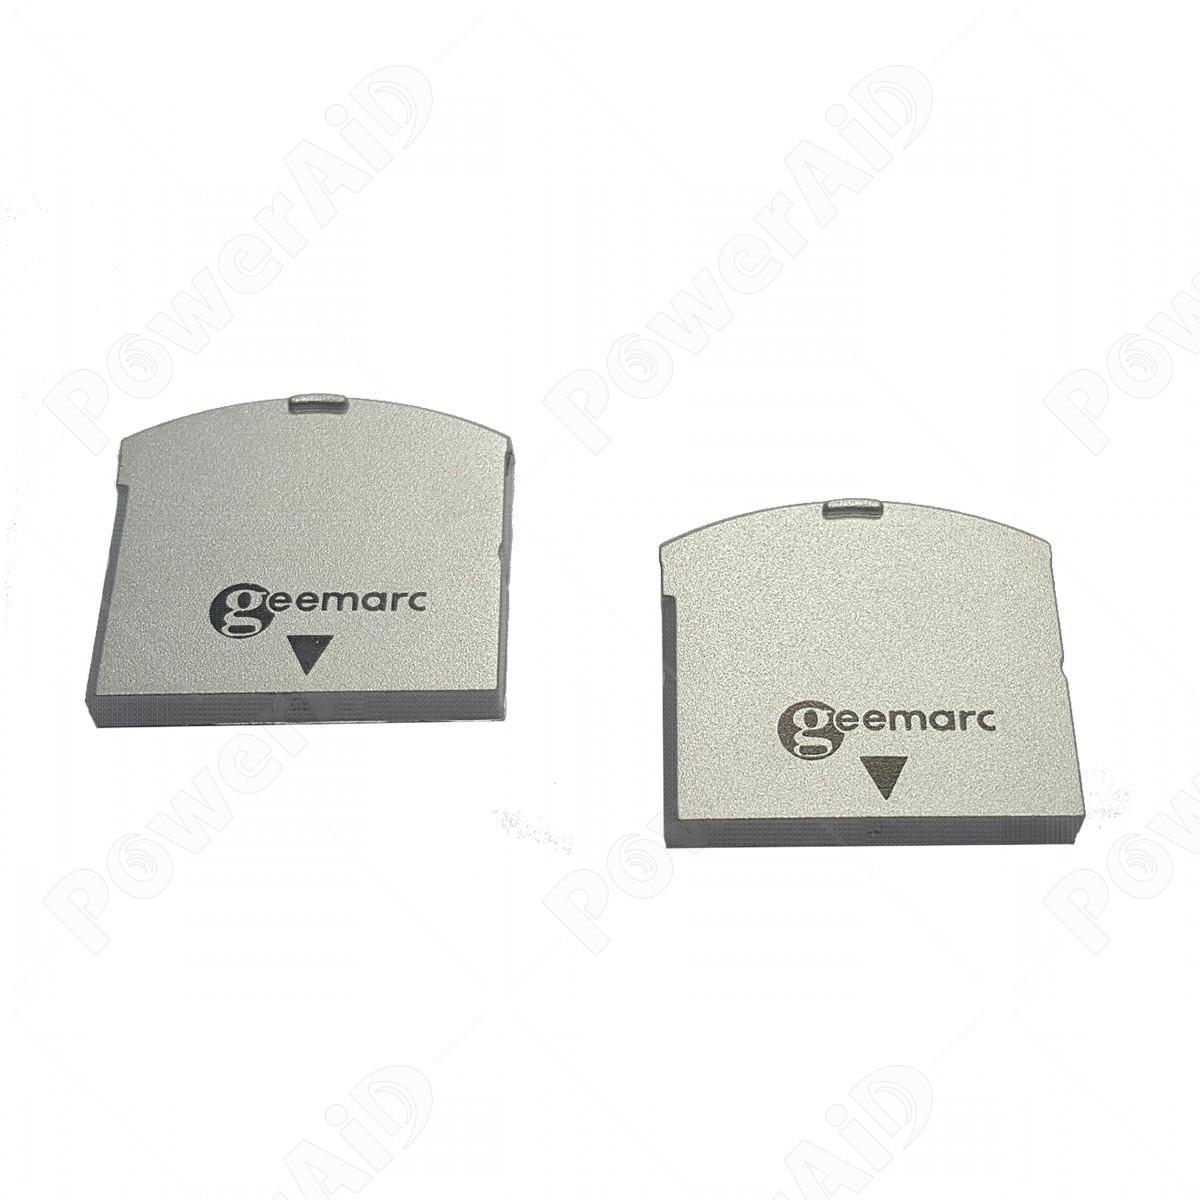 geemarc cl7300  Geemarc - Batteria di ricambio per cuffie CL7300 CL7310